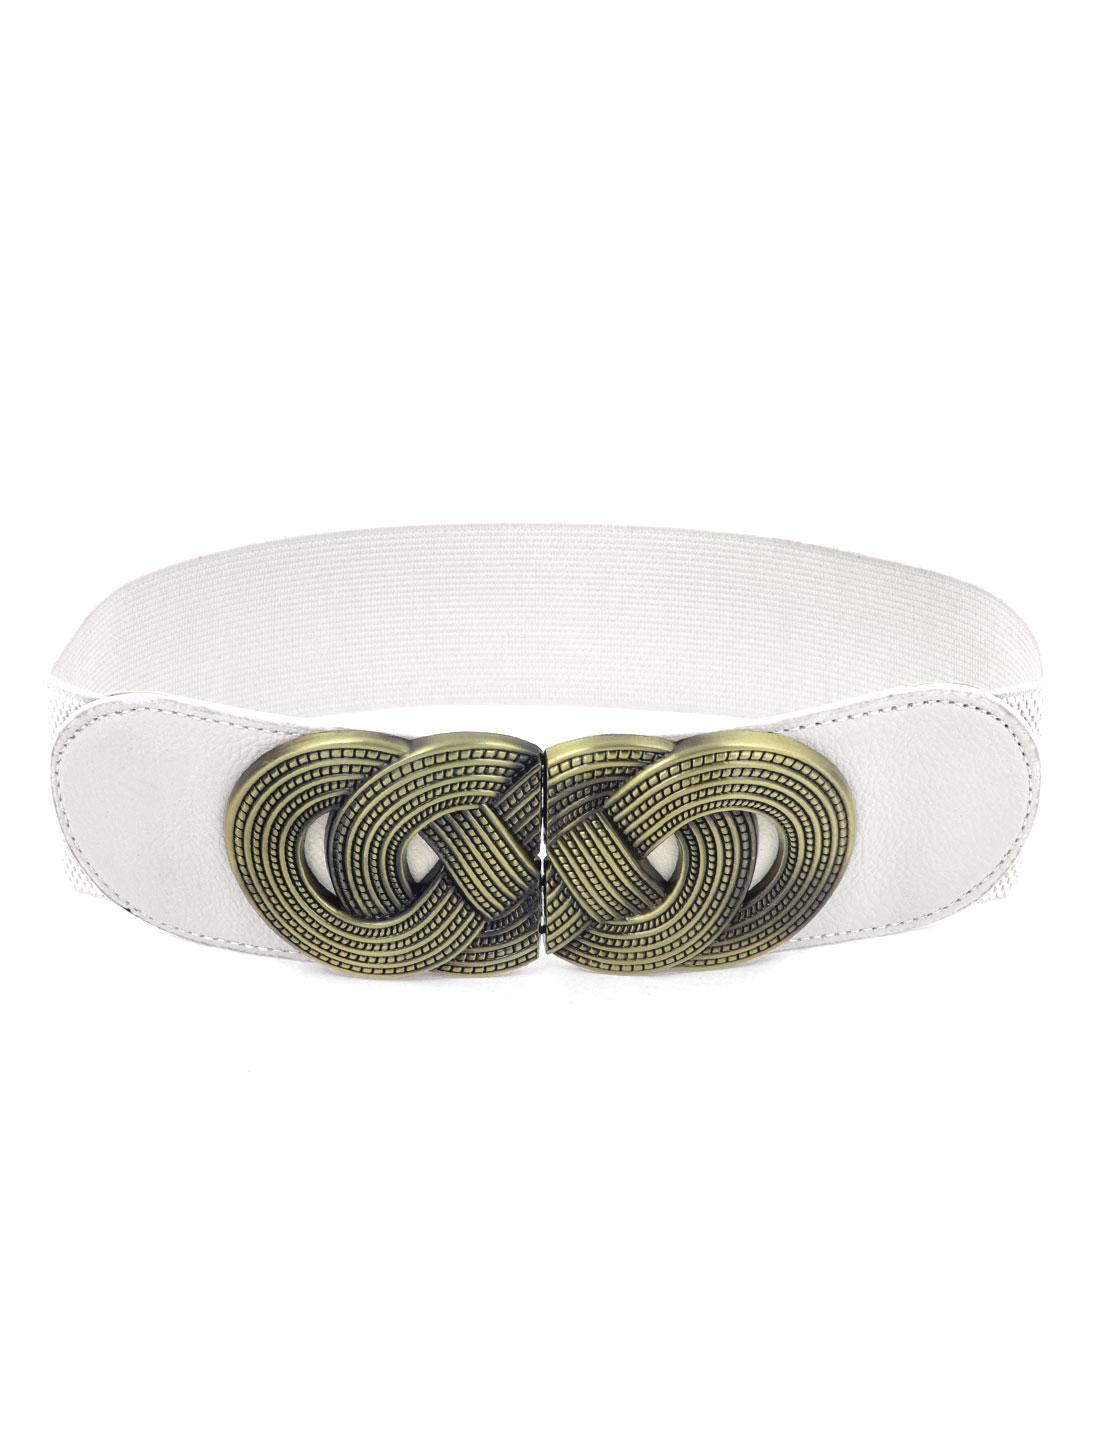 Women Metal Interlocking Buckle Textured Stretch Corset Cinch Belt Beige